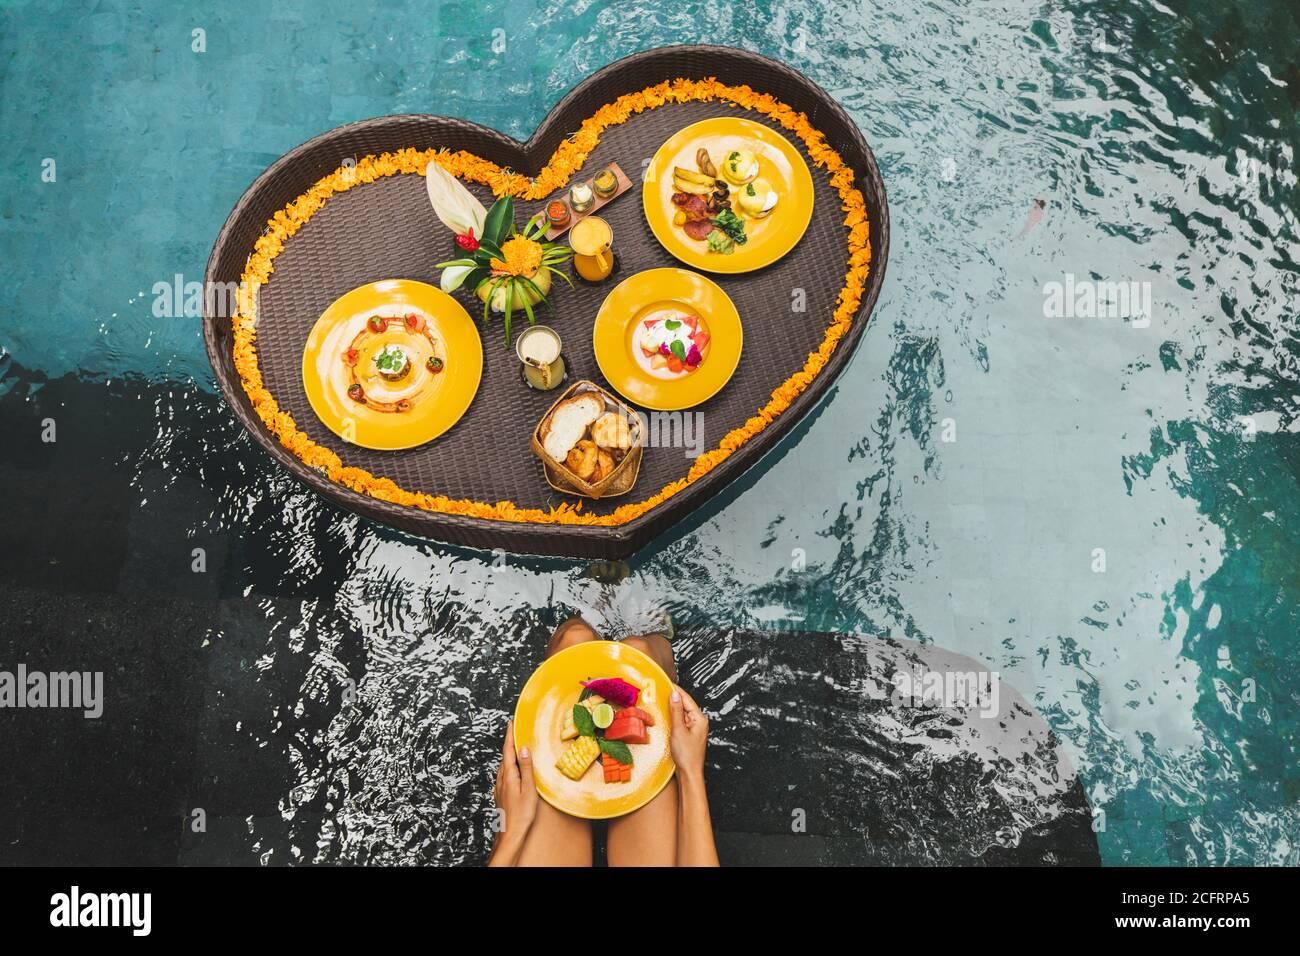 Rattan Tablett Stockfotos und bilder Kaufen Alamy